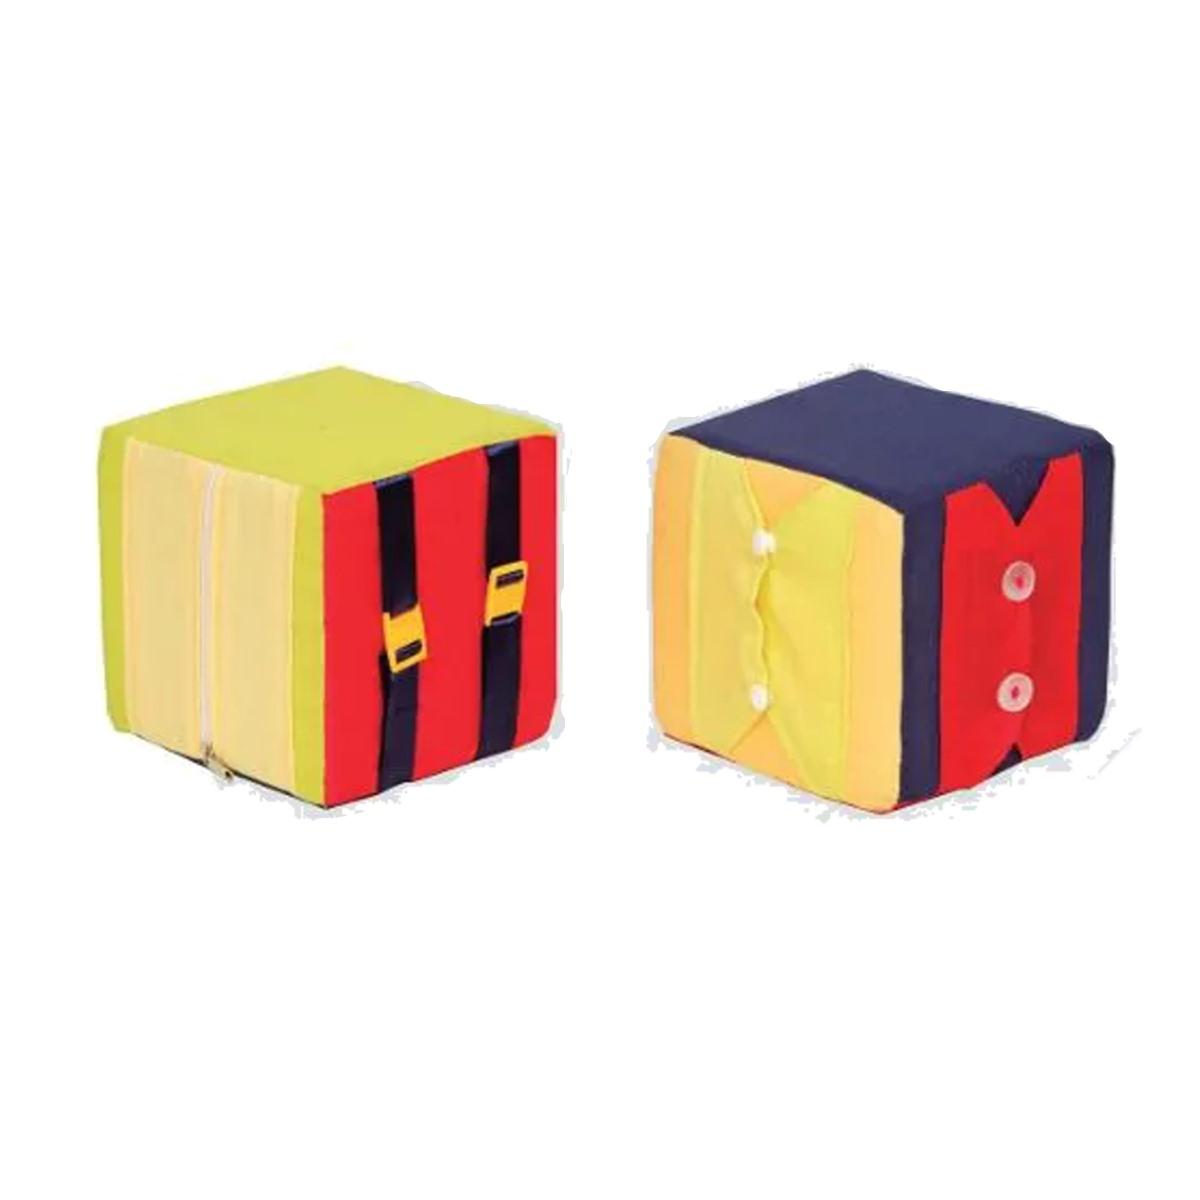 Brinquedos Educativos Cubos de Atividades 2 Peças 150x150mm